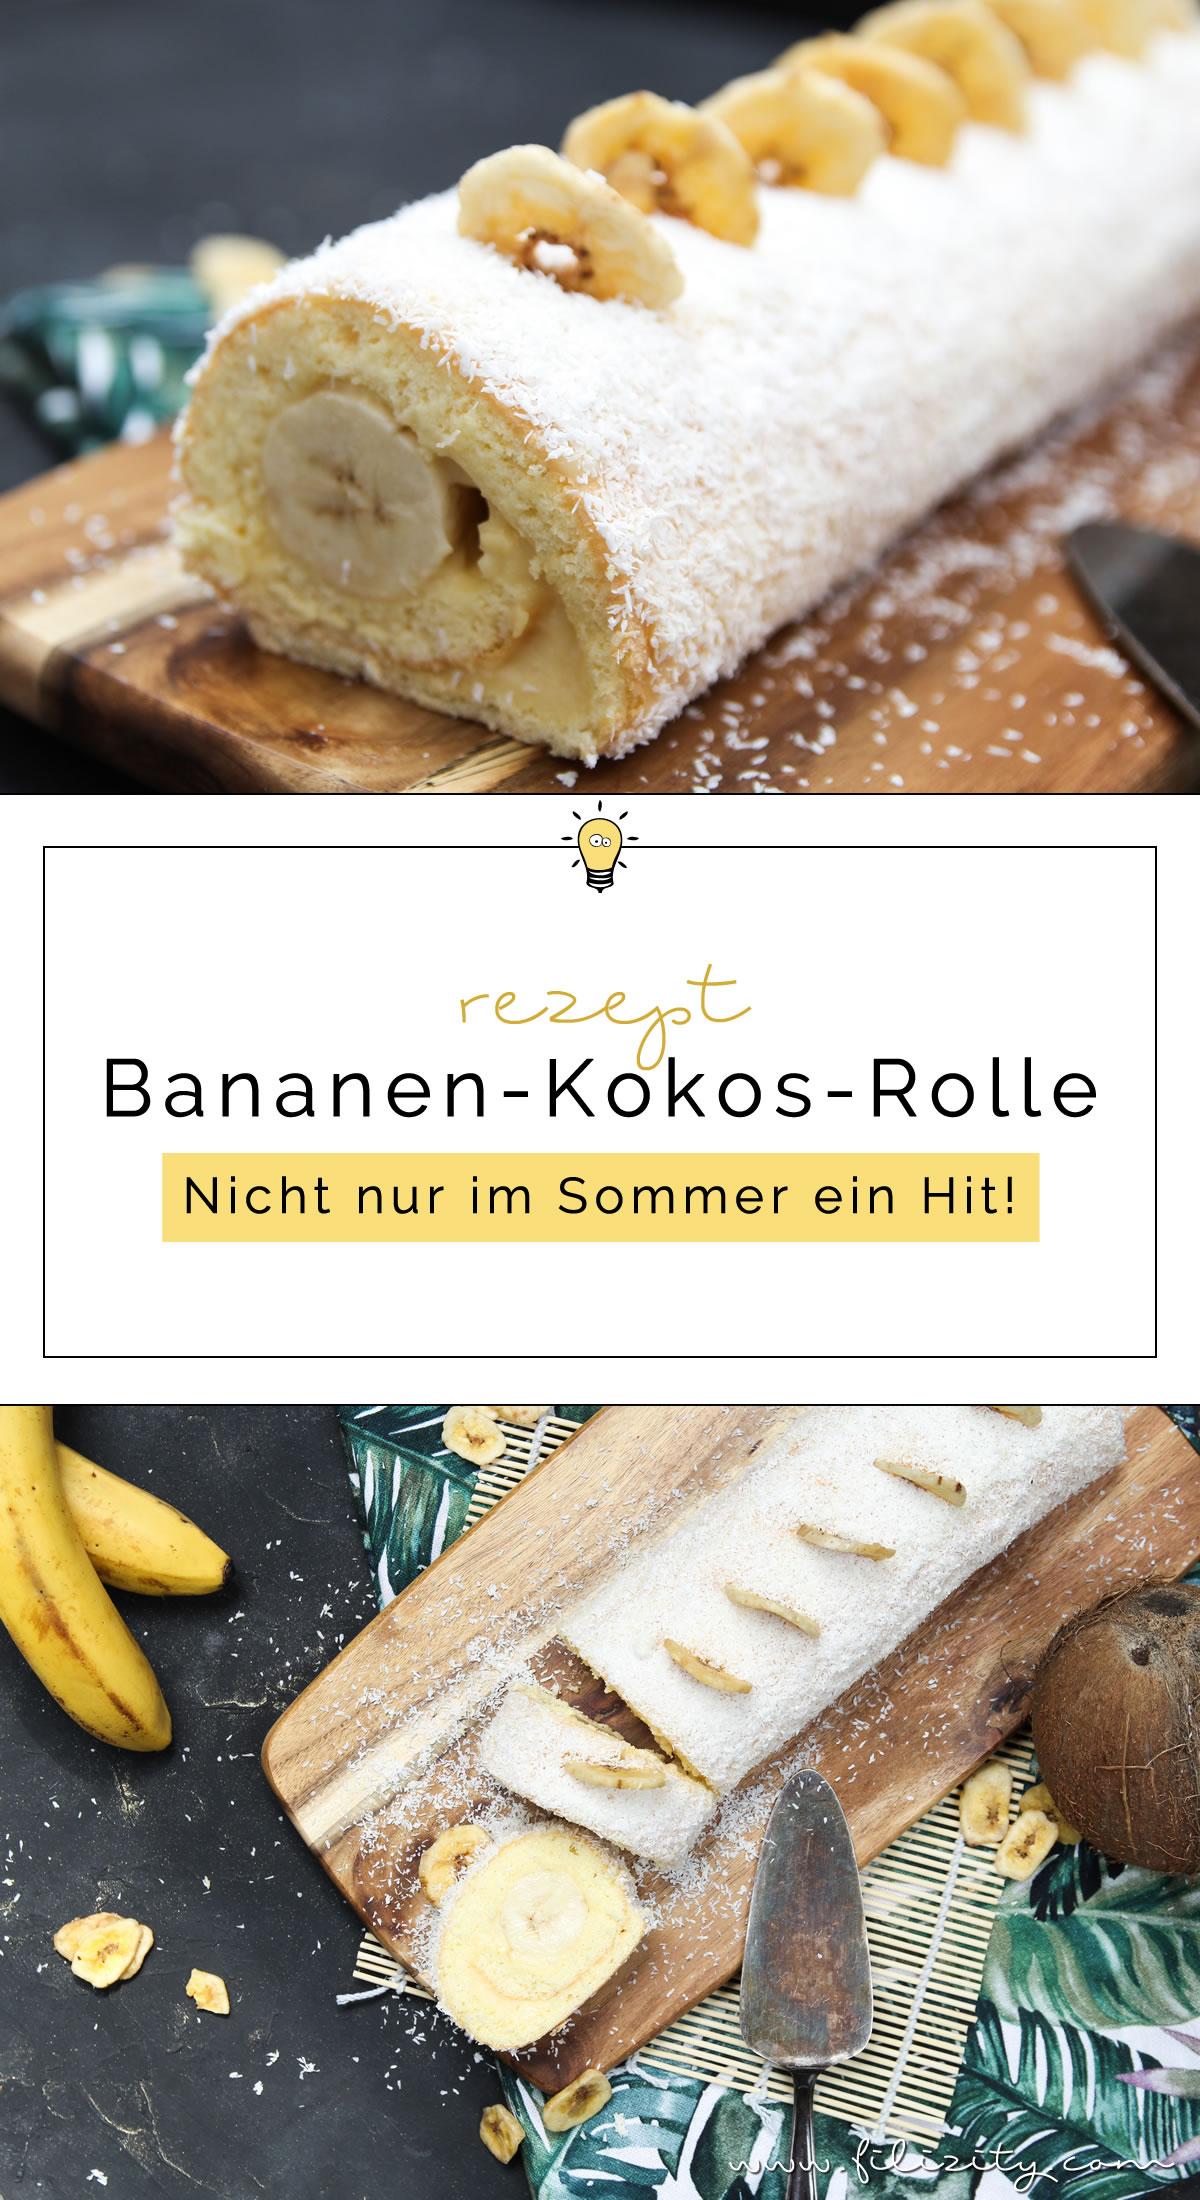 Einfaches Tortenrezept: Bananen-Kokos-Biskuitrolle mit Puddingcreme - Nicht nur im Sommer ein Hit! | Filizity.com | Food-Blog aus dem Rheinland #torte #kuchen #biskuit #bananaaaa